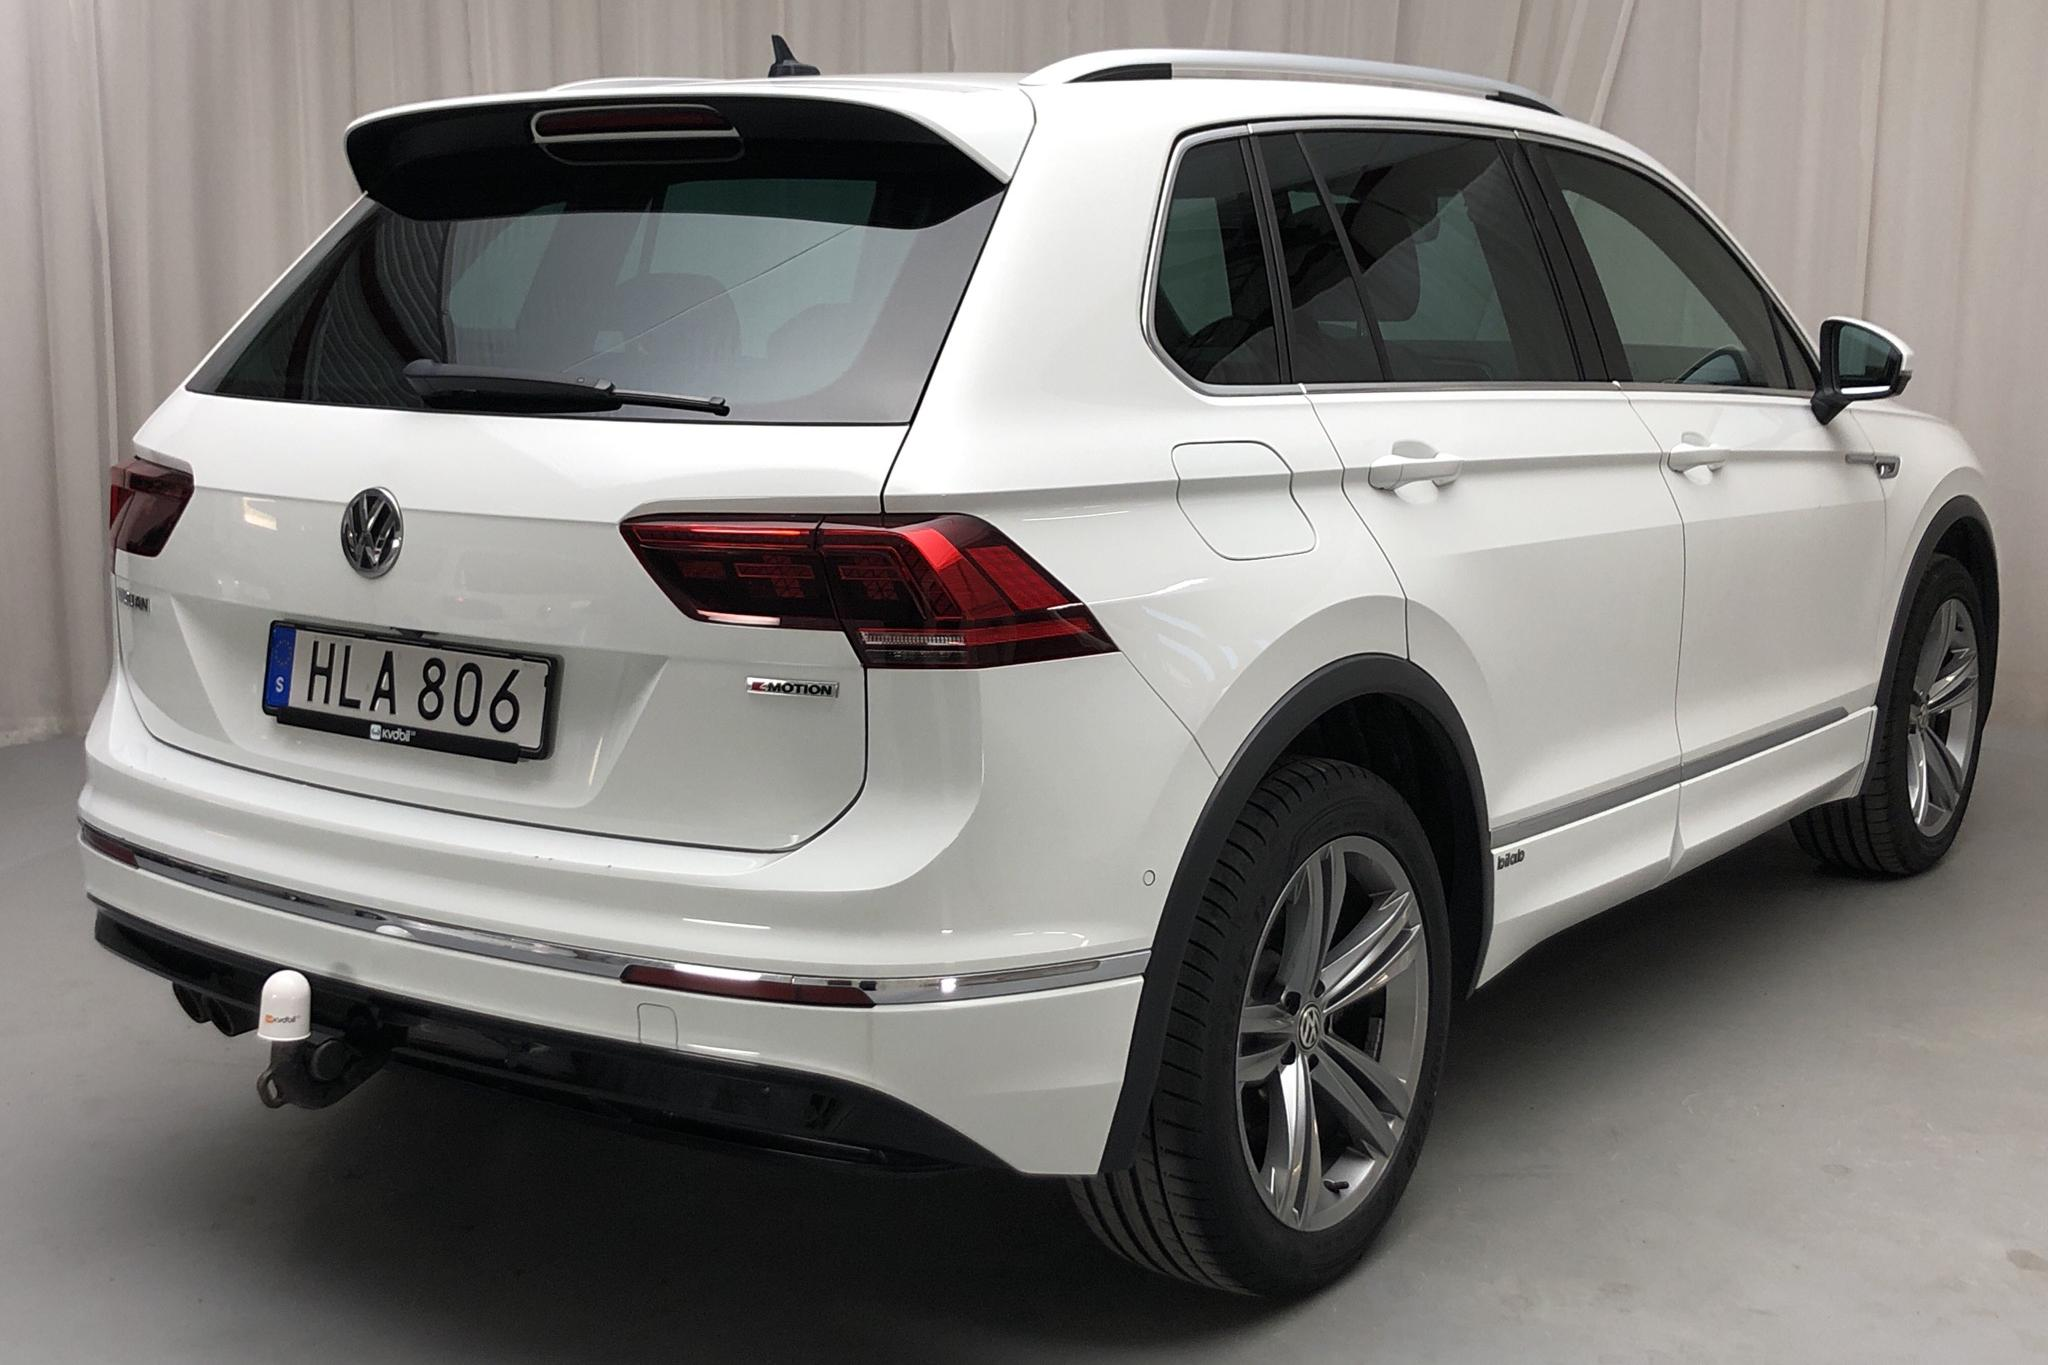 VW Tiguan 2.0 TDI 4MOTION (190hk) - 89 970 km - Automatic - white - 2018